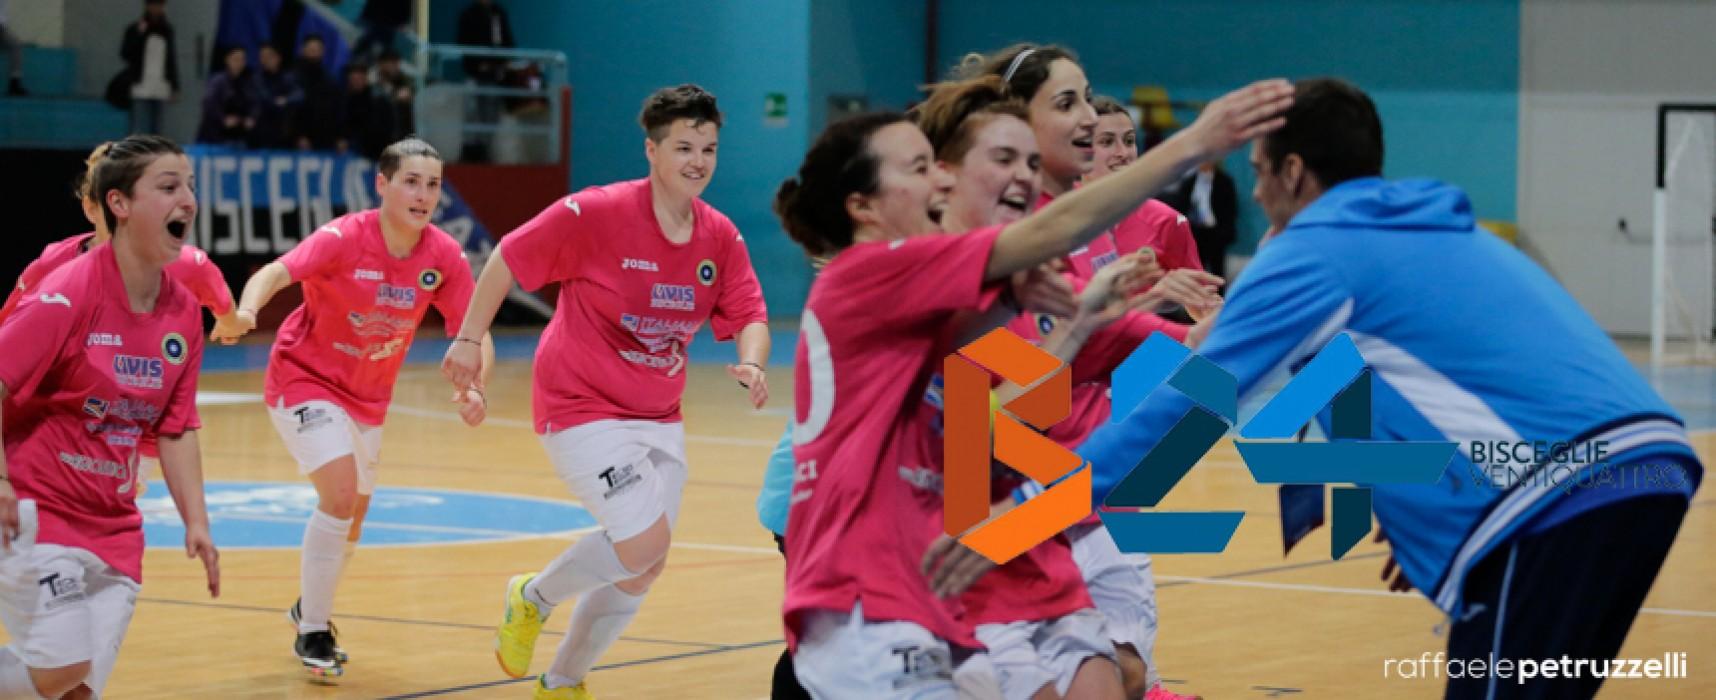 Futsal Bisceglie femminile vince di rimonta, oggi semifinale contro la Jesina /FOTOGALLERY